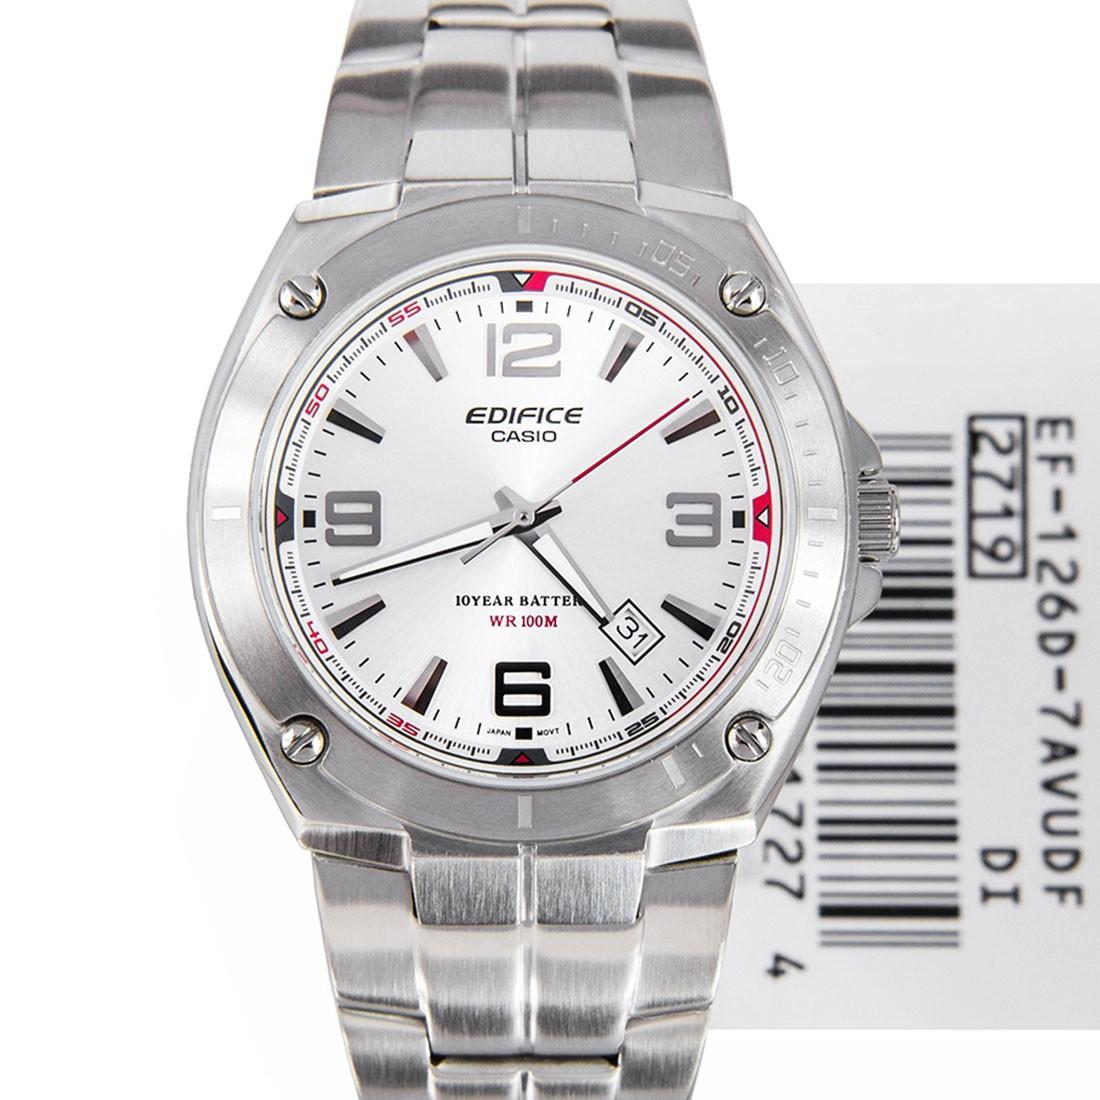 นาฬิกา คาสิโอ Casio Edifice 3-Hand Analog รุ่น EF-126D-7AV สินค้าใหม่ ของแท้ ราคาถูก พร้อมใบรับประกัน